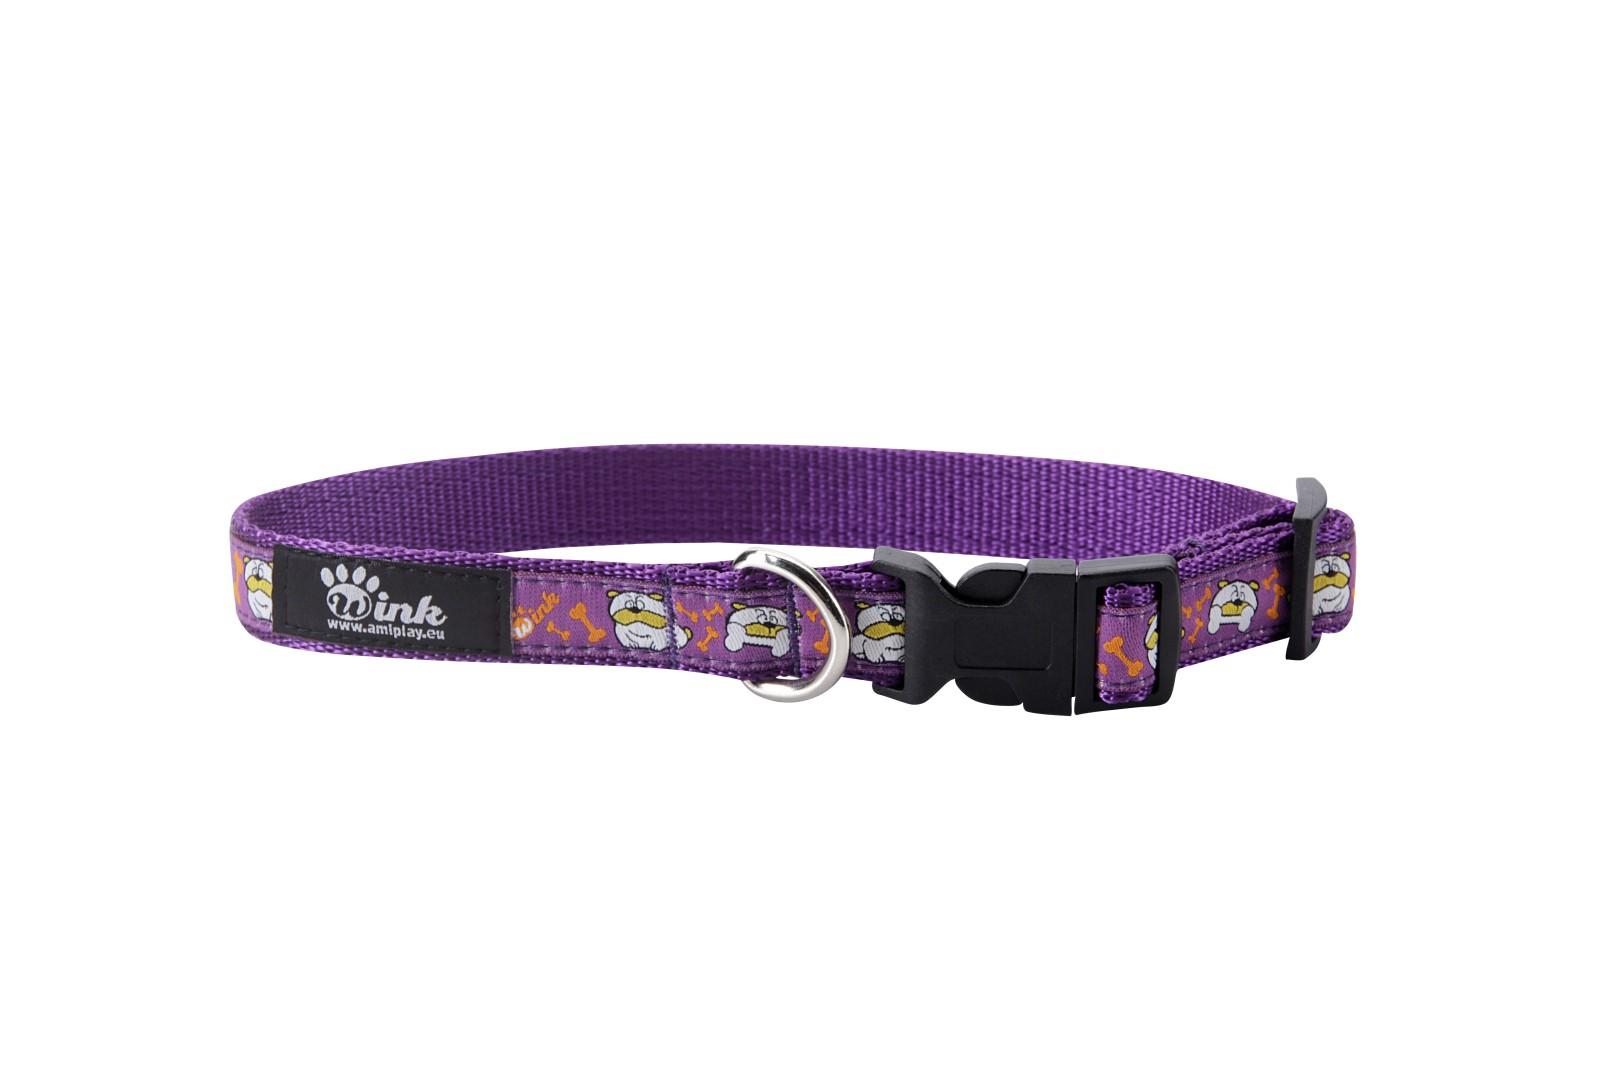 Obojek pro psa nylonový - fialový se vzorem pes - 2 8a23482a05